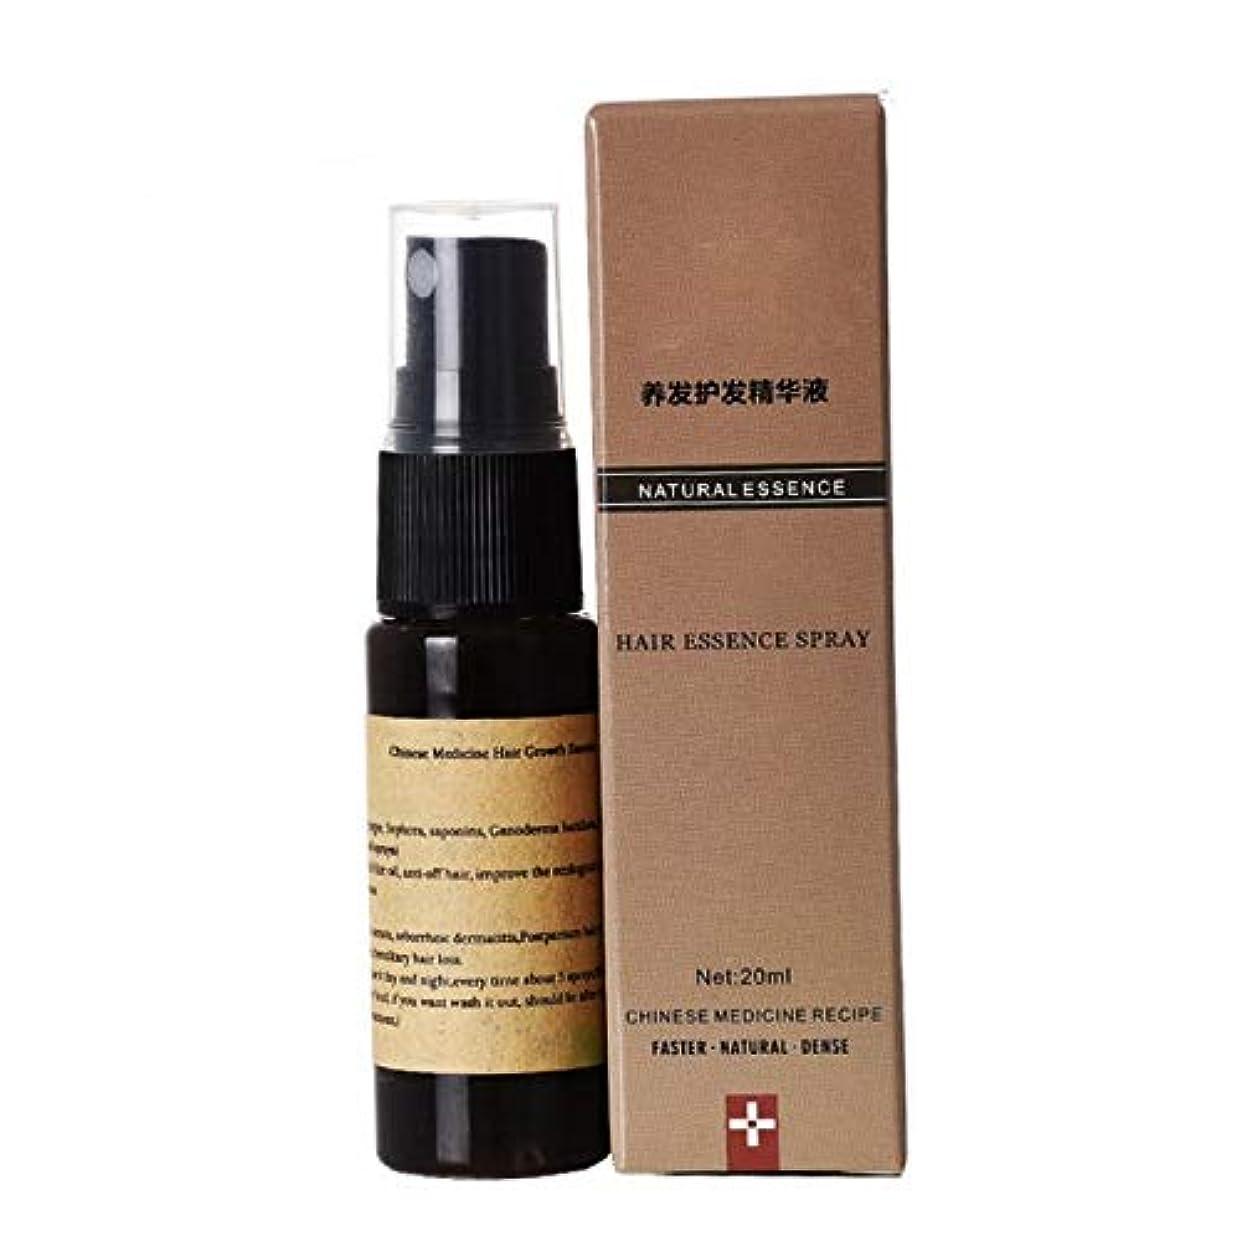 トリプル暗記する町抜け毛防止シャンプーAnti Gray Hair Spray Shampoo Serum Hair Organic Fast Hair Growth Essence